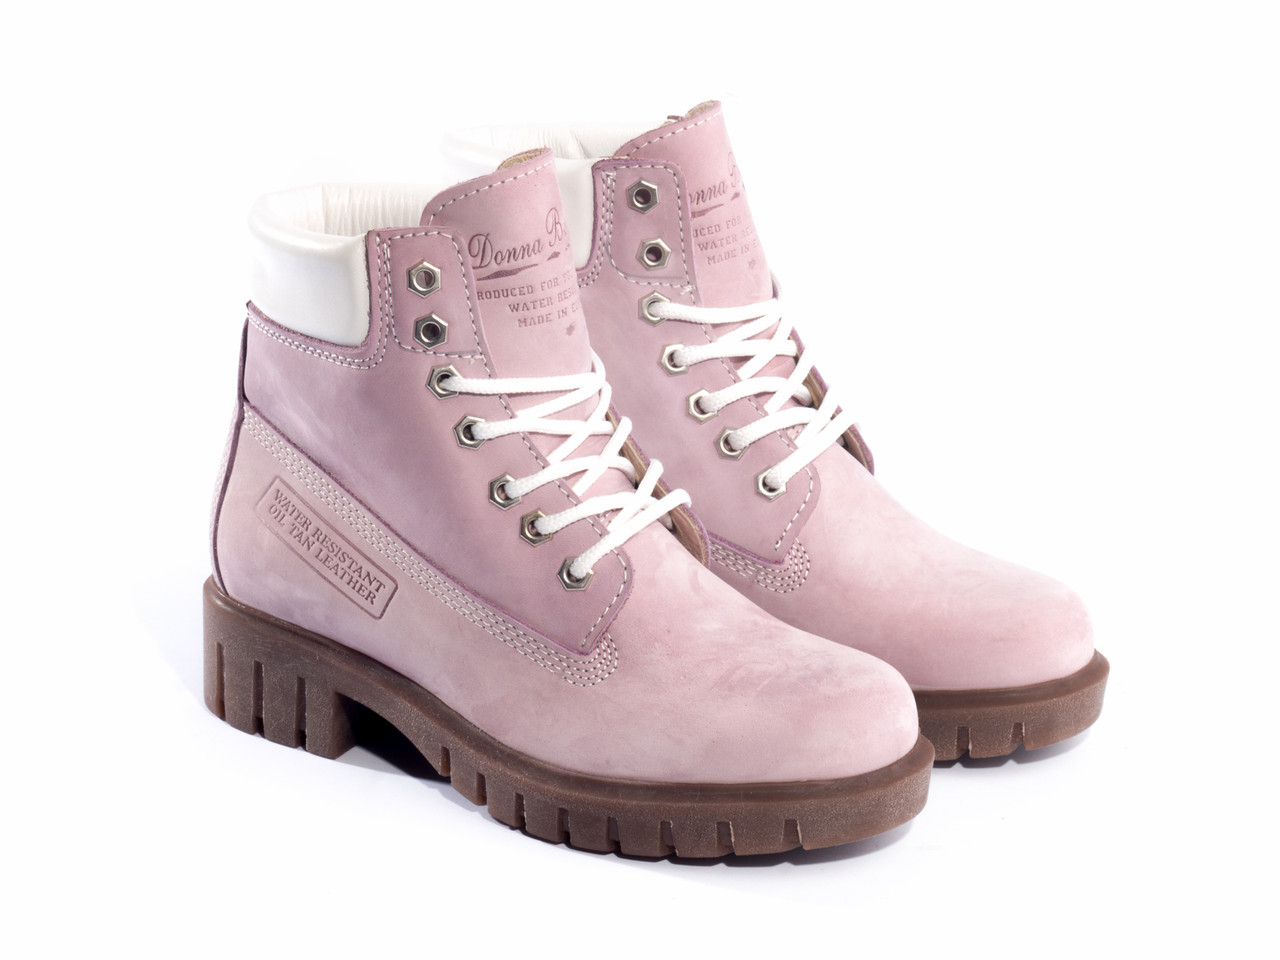 Ботинки Etor 5169-21554-710-1 40 розовые